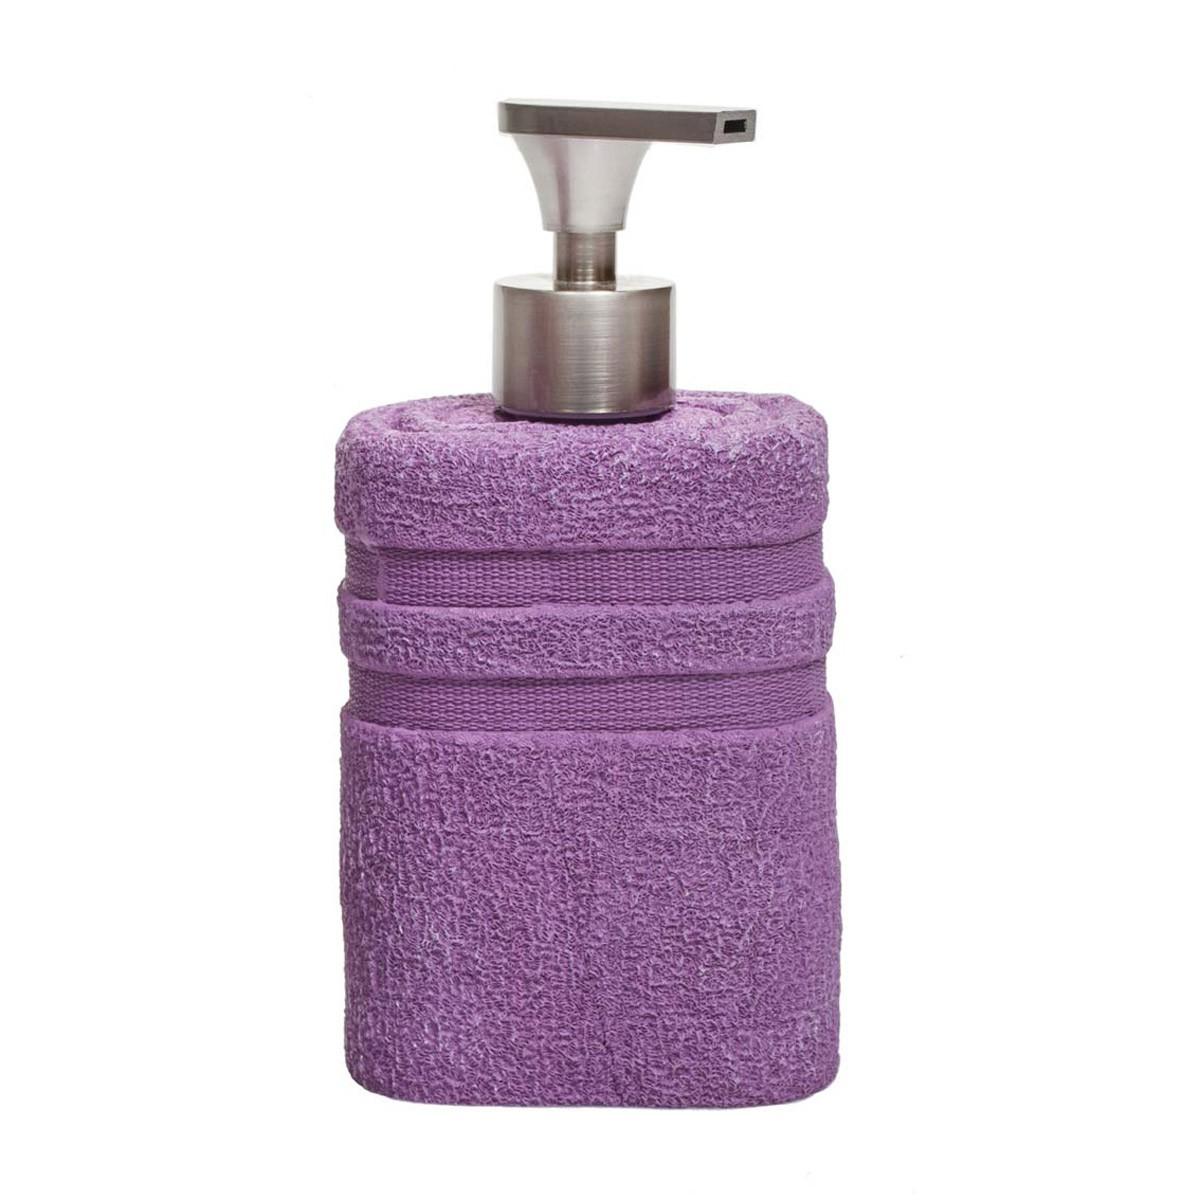 Δοχείο Κρεμοσάπουνου Marva Square Purple 478132